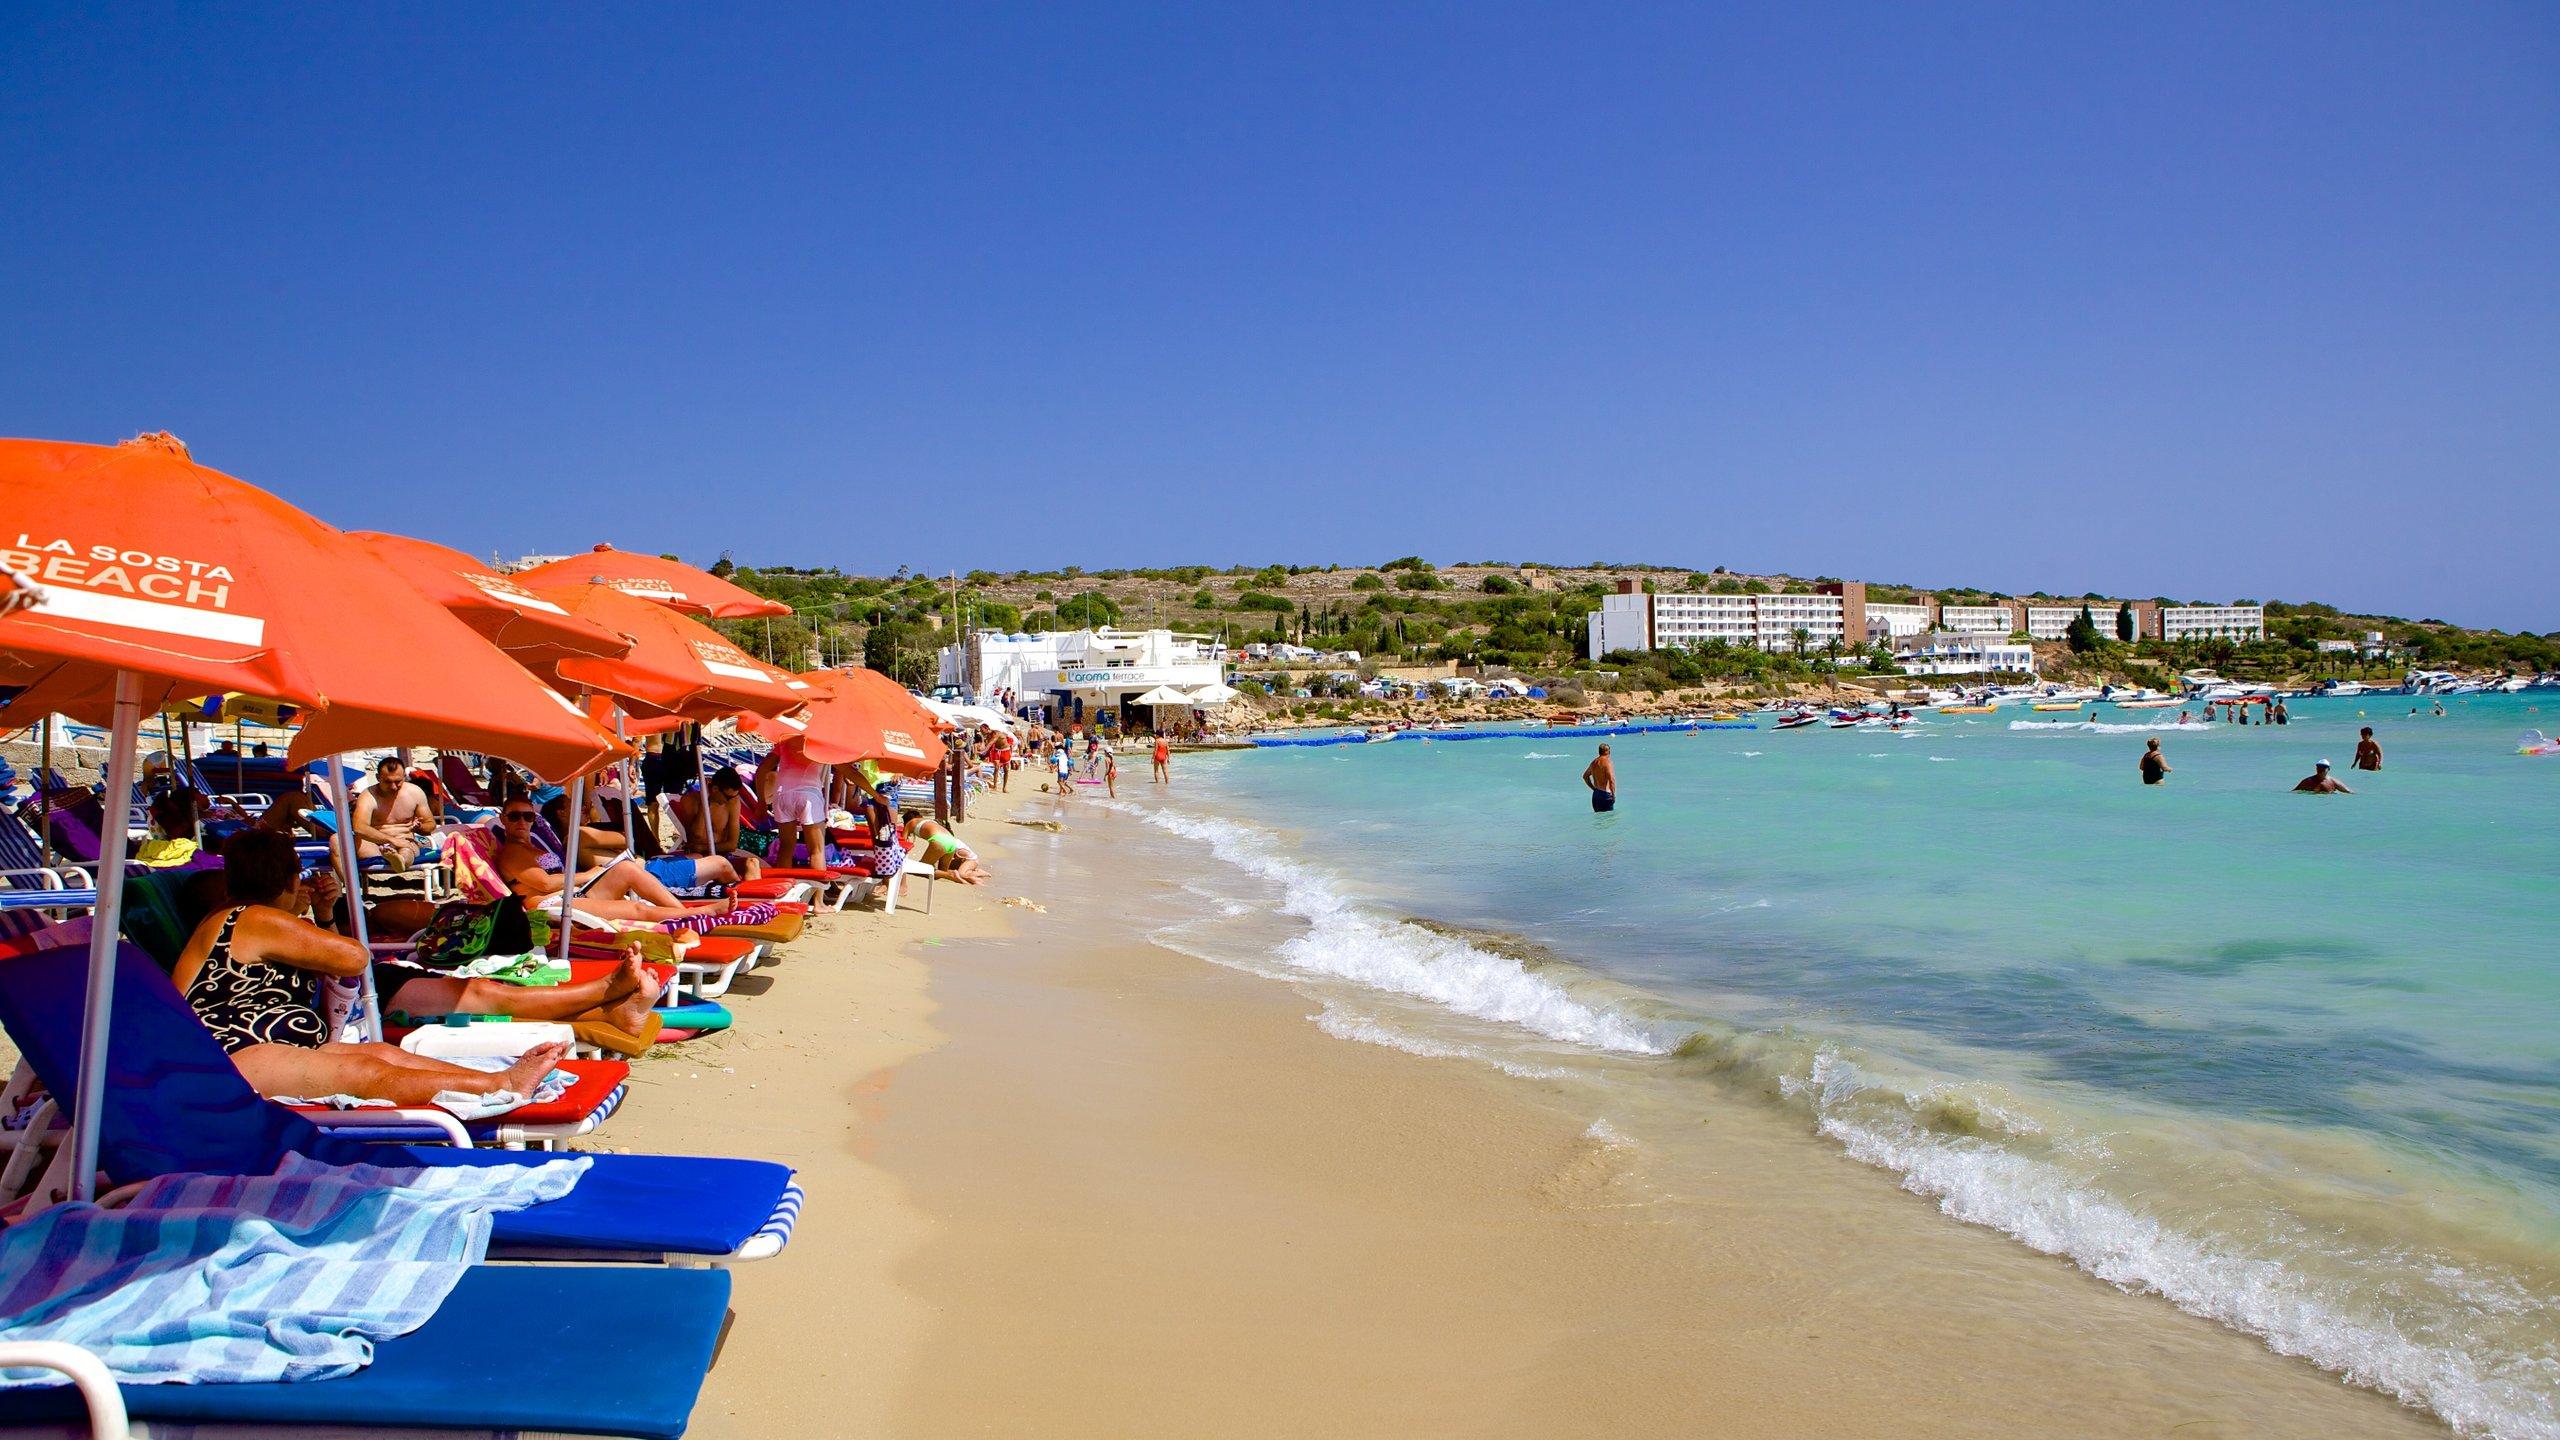 Dieser natürliche Strand im Norden der Insel lädt zum Schwimmen, Windsurfen oder einfach nur zum Entspannen im feinen Sand ein.